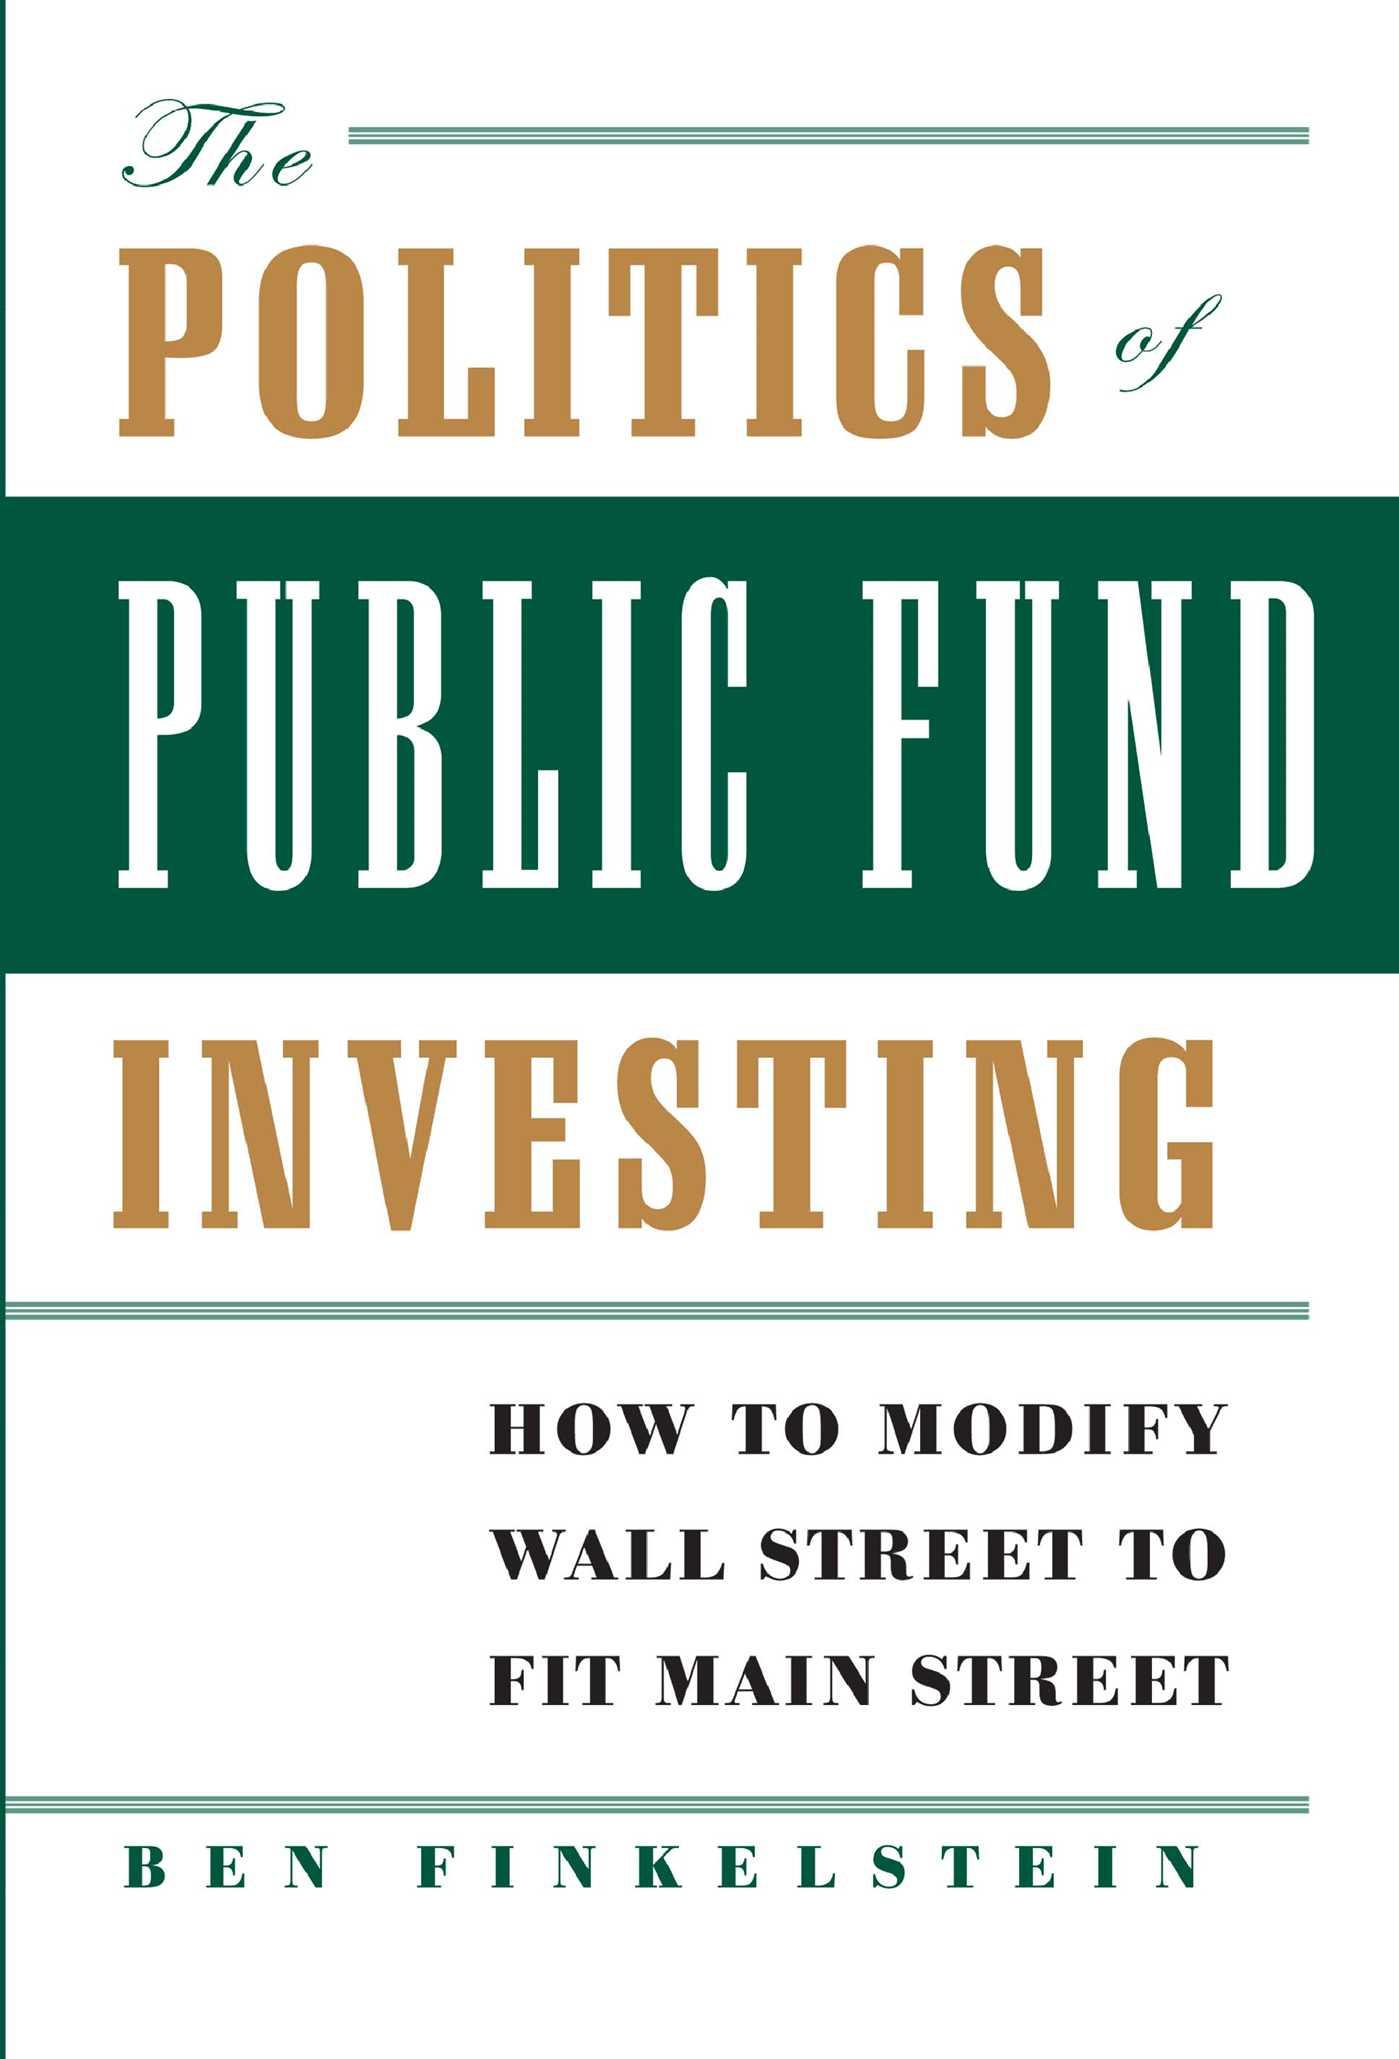 The politics of public fund investing 9780743267298 hr